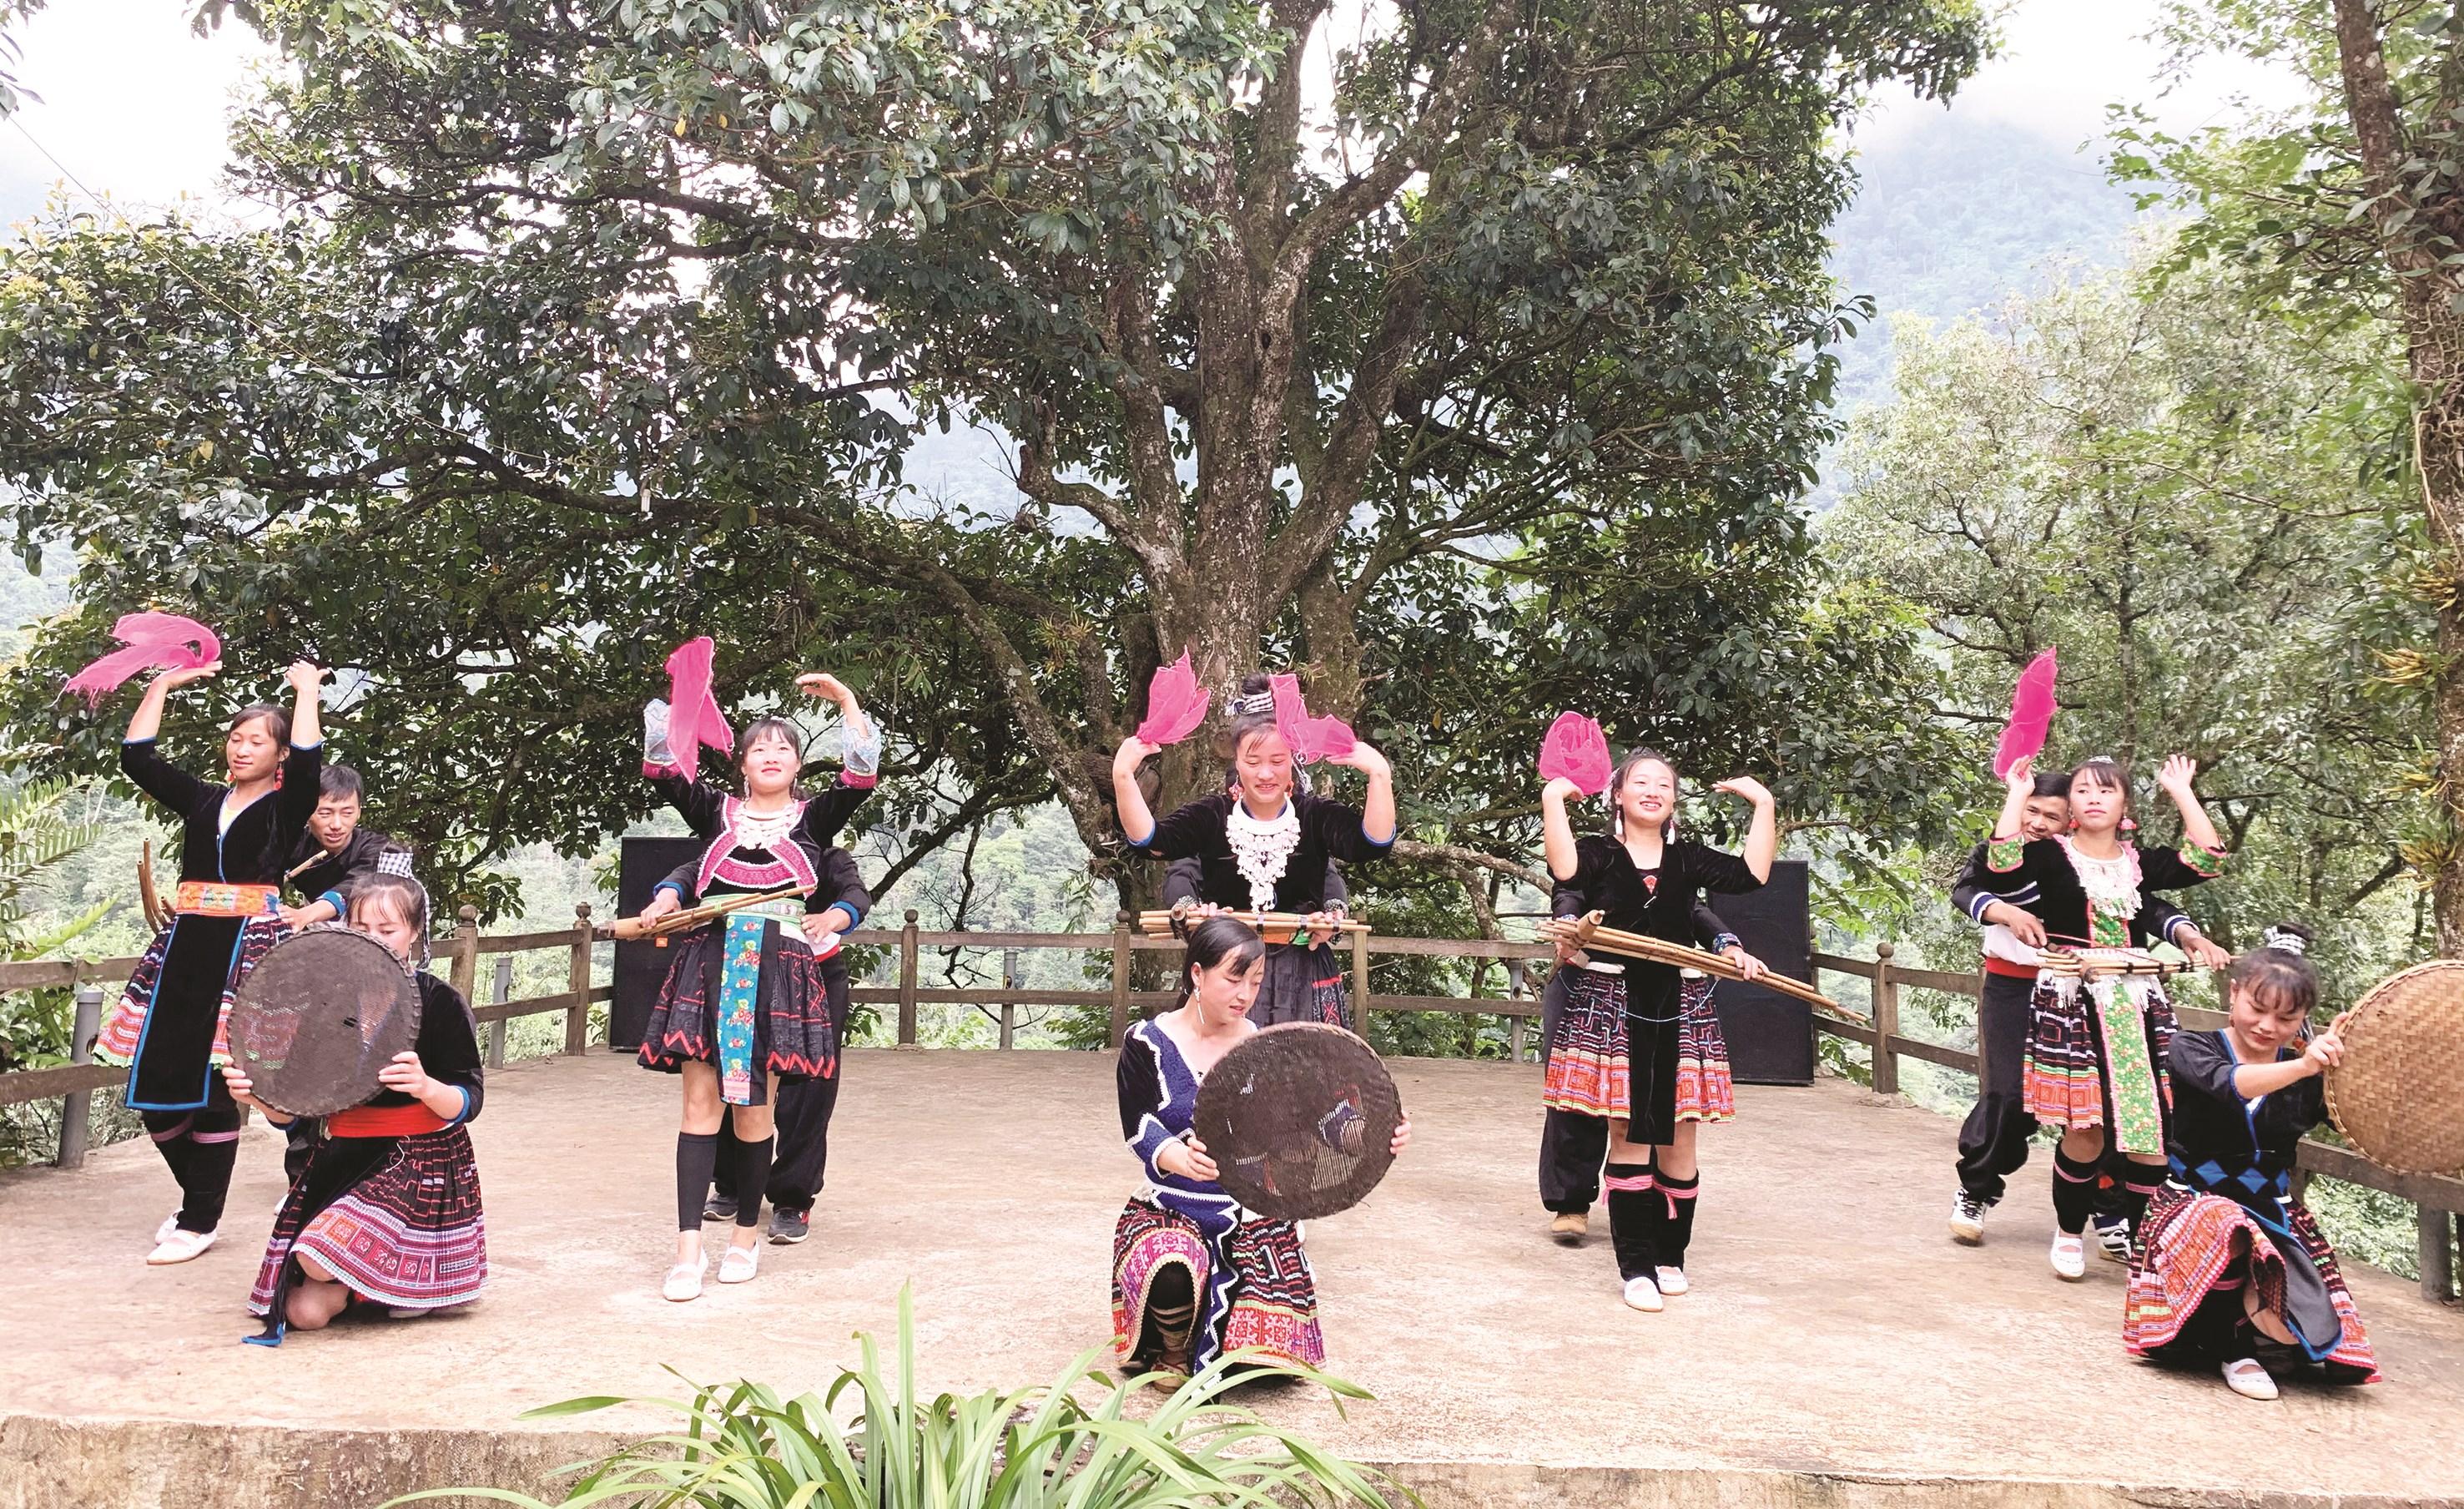 Du lịch Lai Châu với đậm đà bản sắc văn hóa các dân tộc luôn thu hút được du khách trong và ngoài nước.